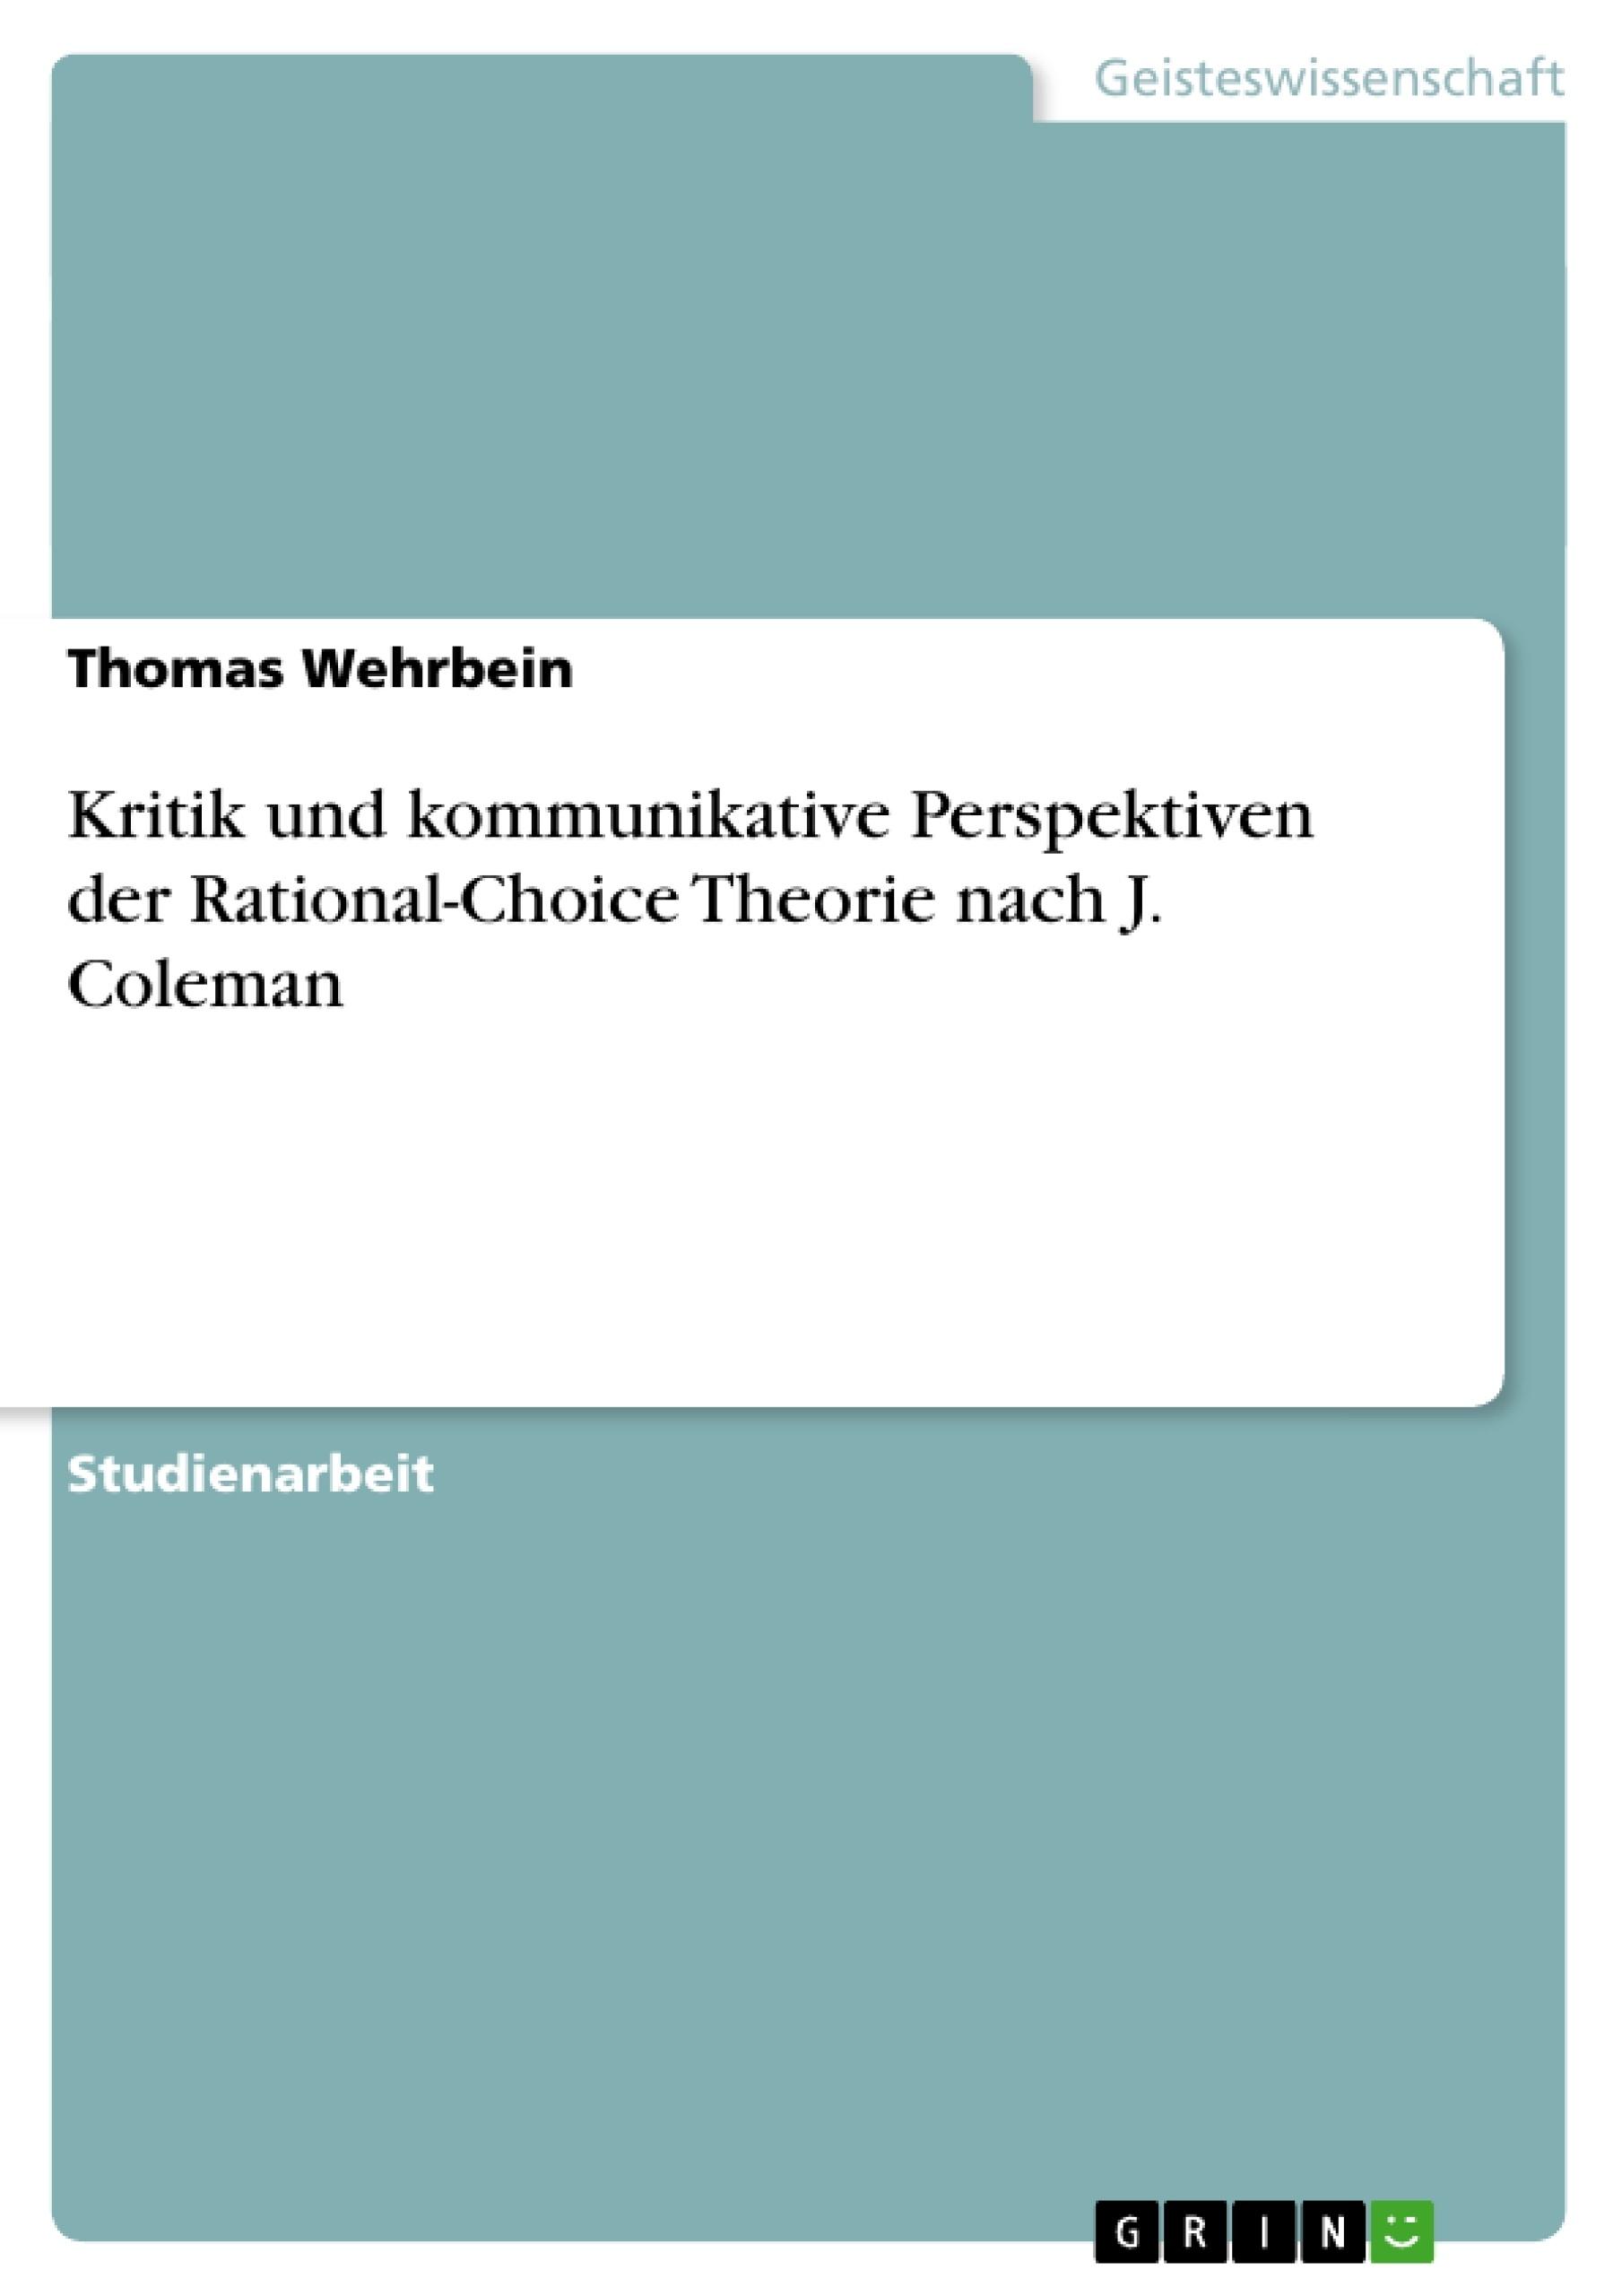 Titel: Kritik und kommunikative Perspektiven der Rational-Choice Theorie nach J. Coleman